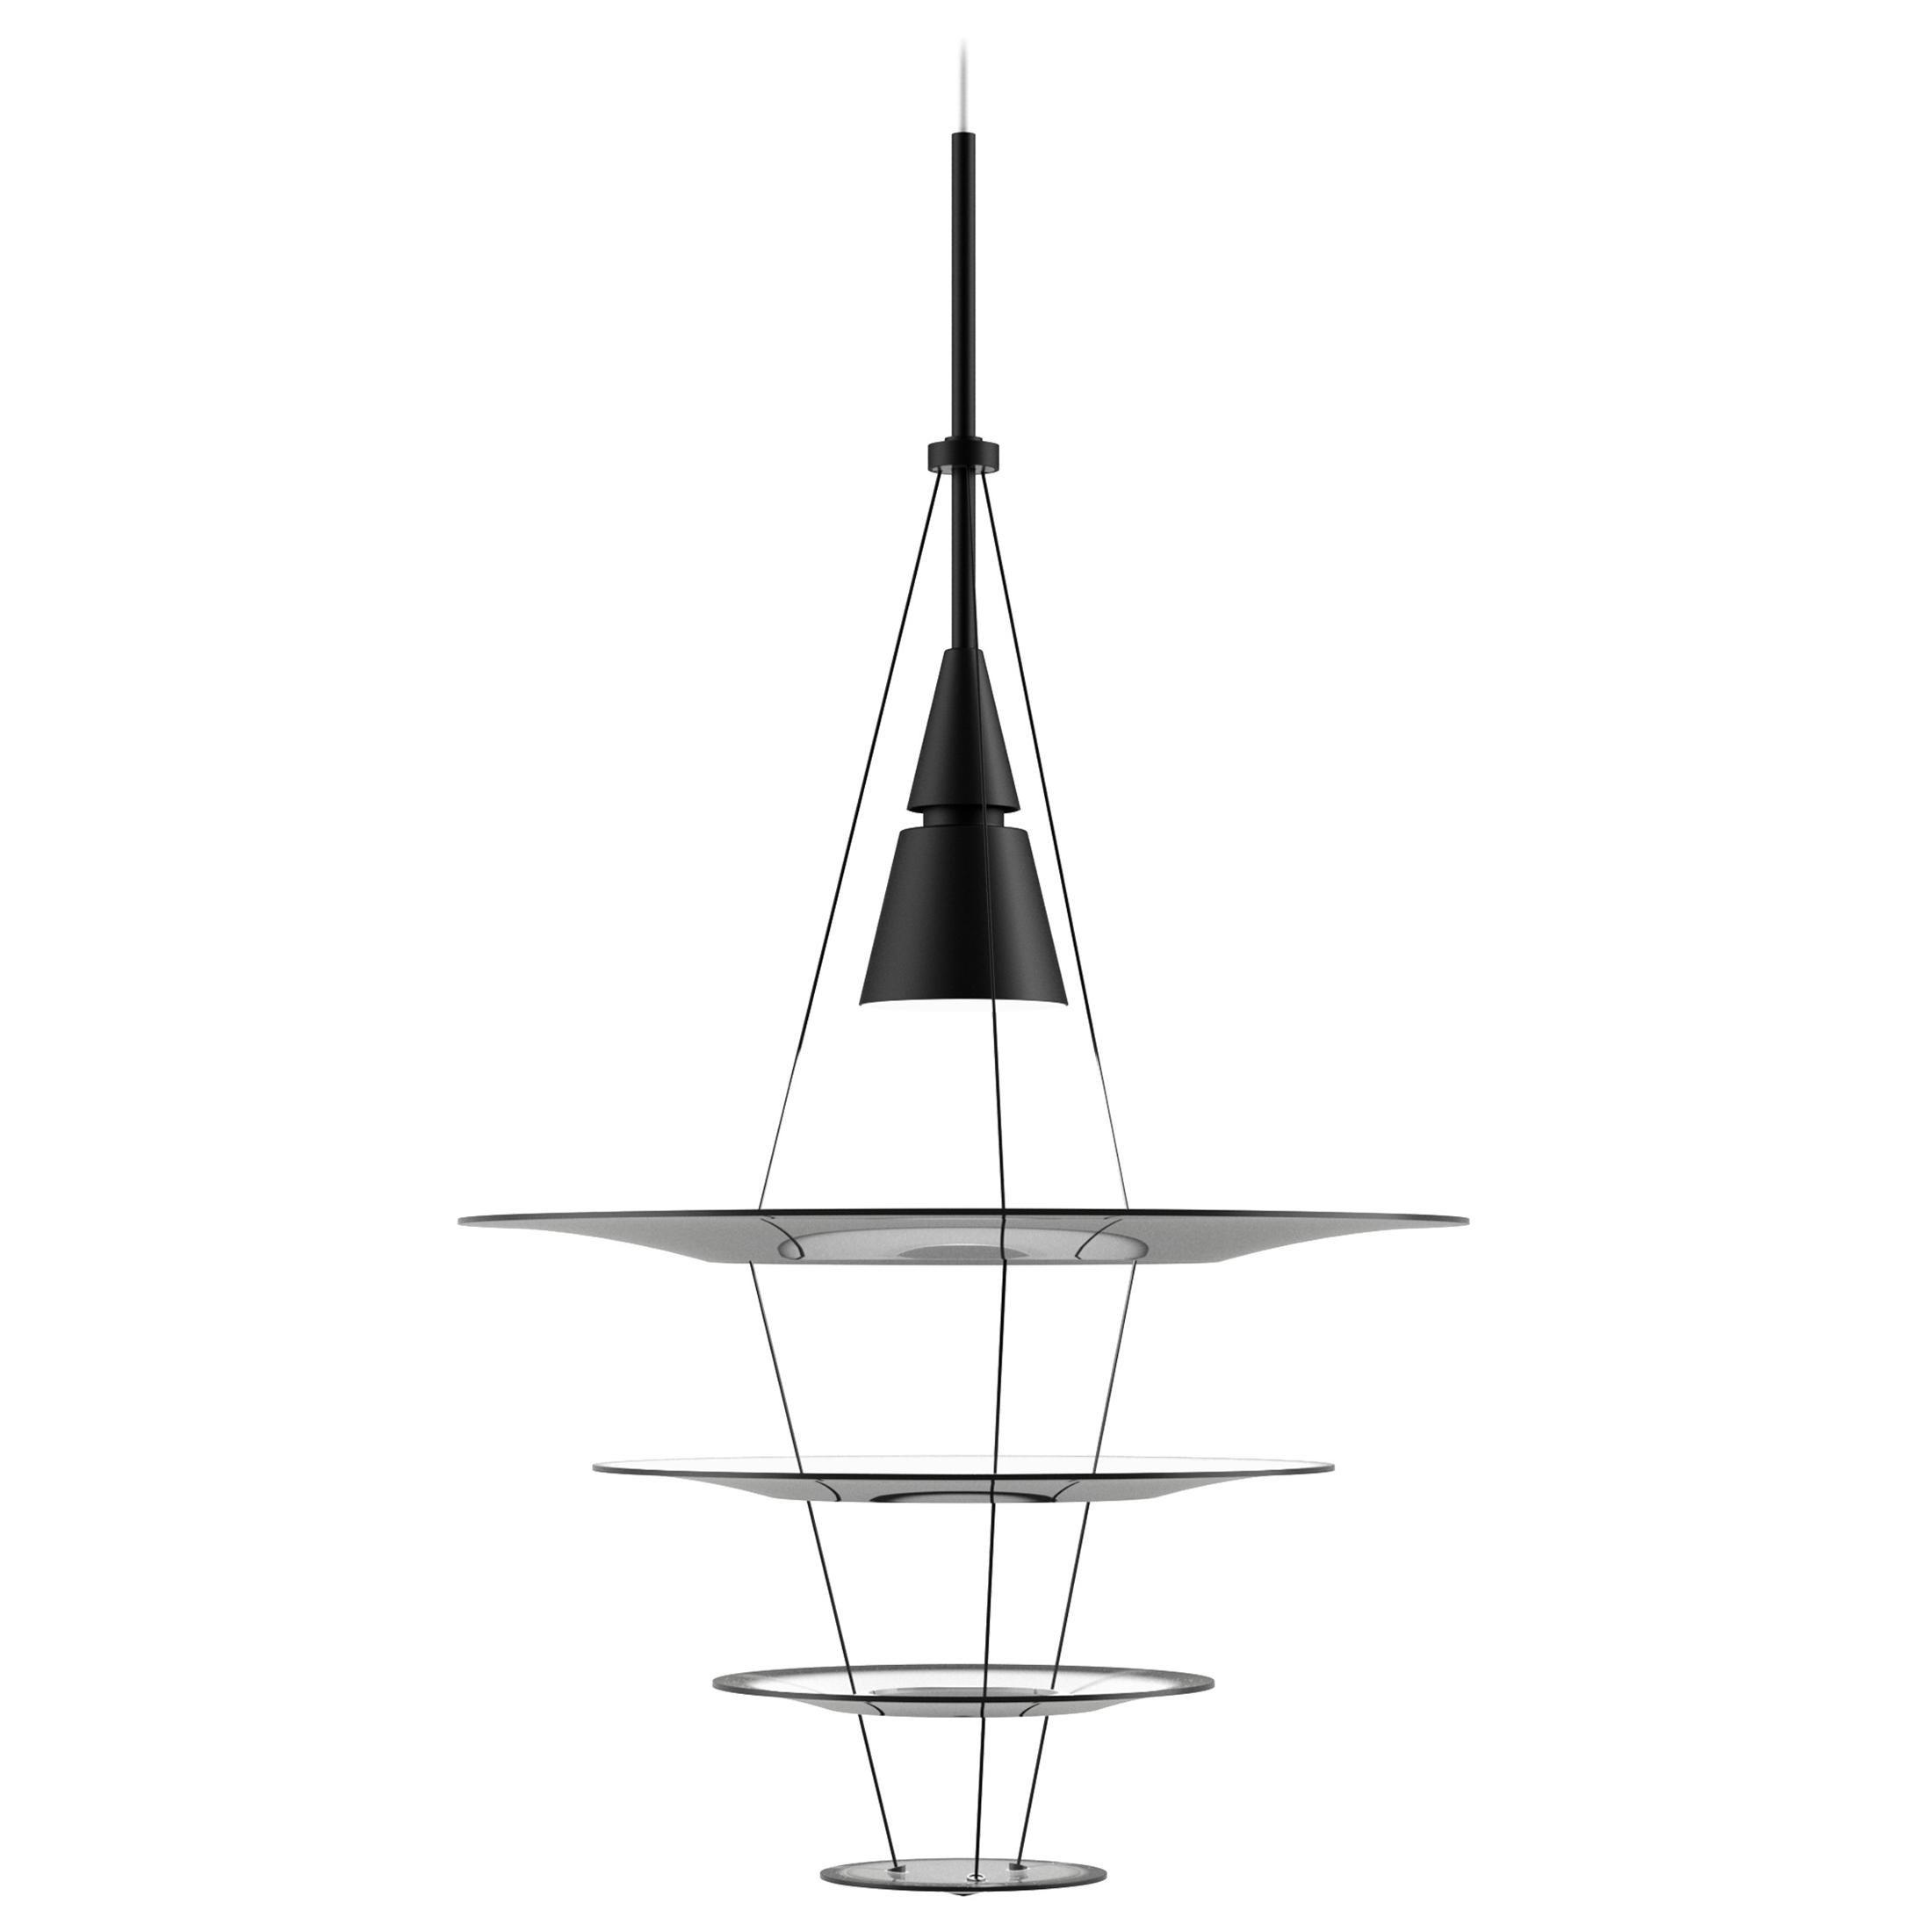 Louis Poulsen Small Enigma Pendant Lamp by Shoichi Uchiyama